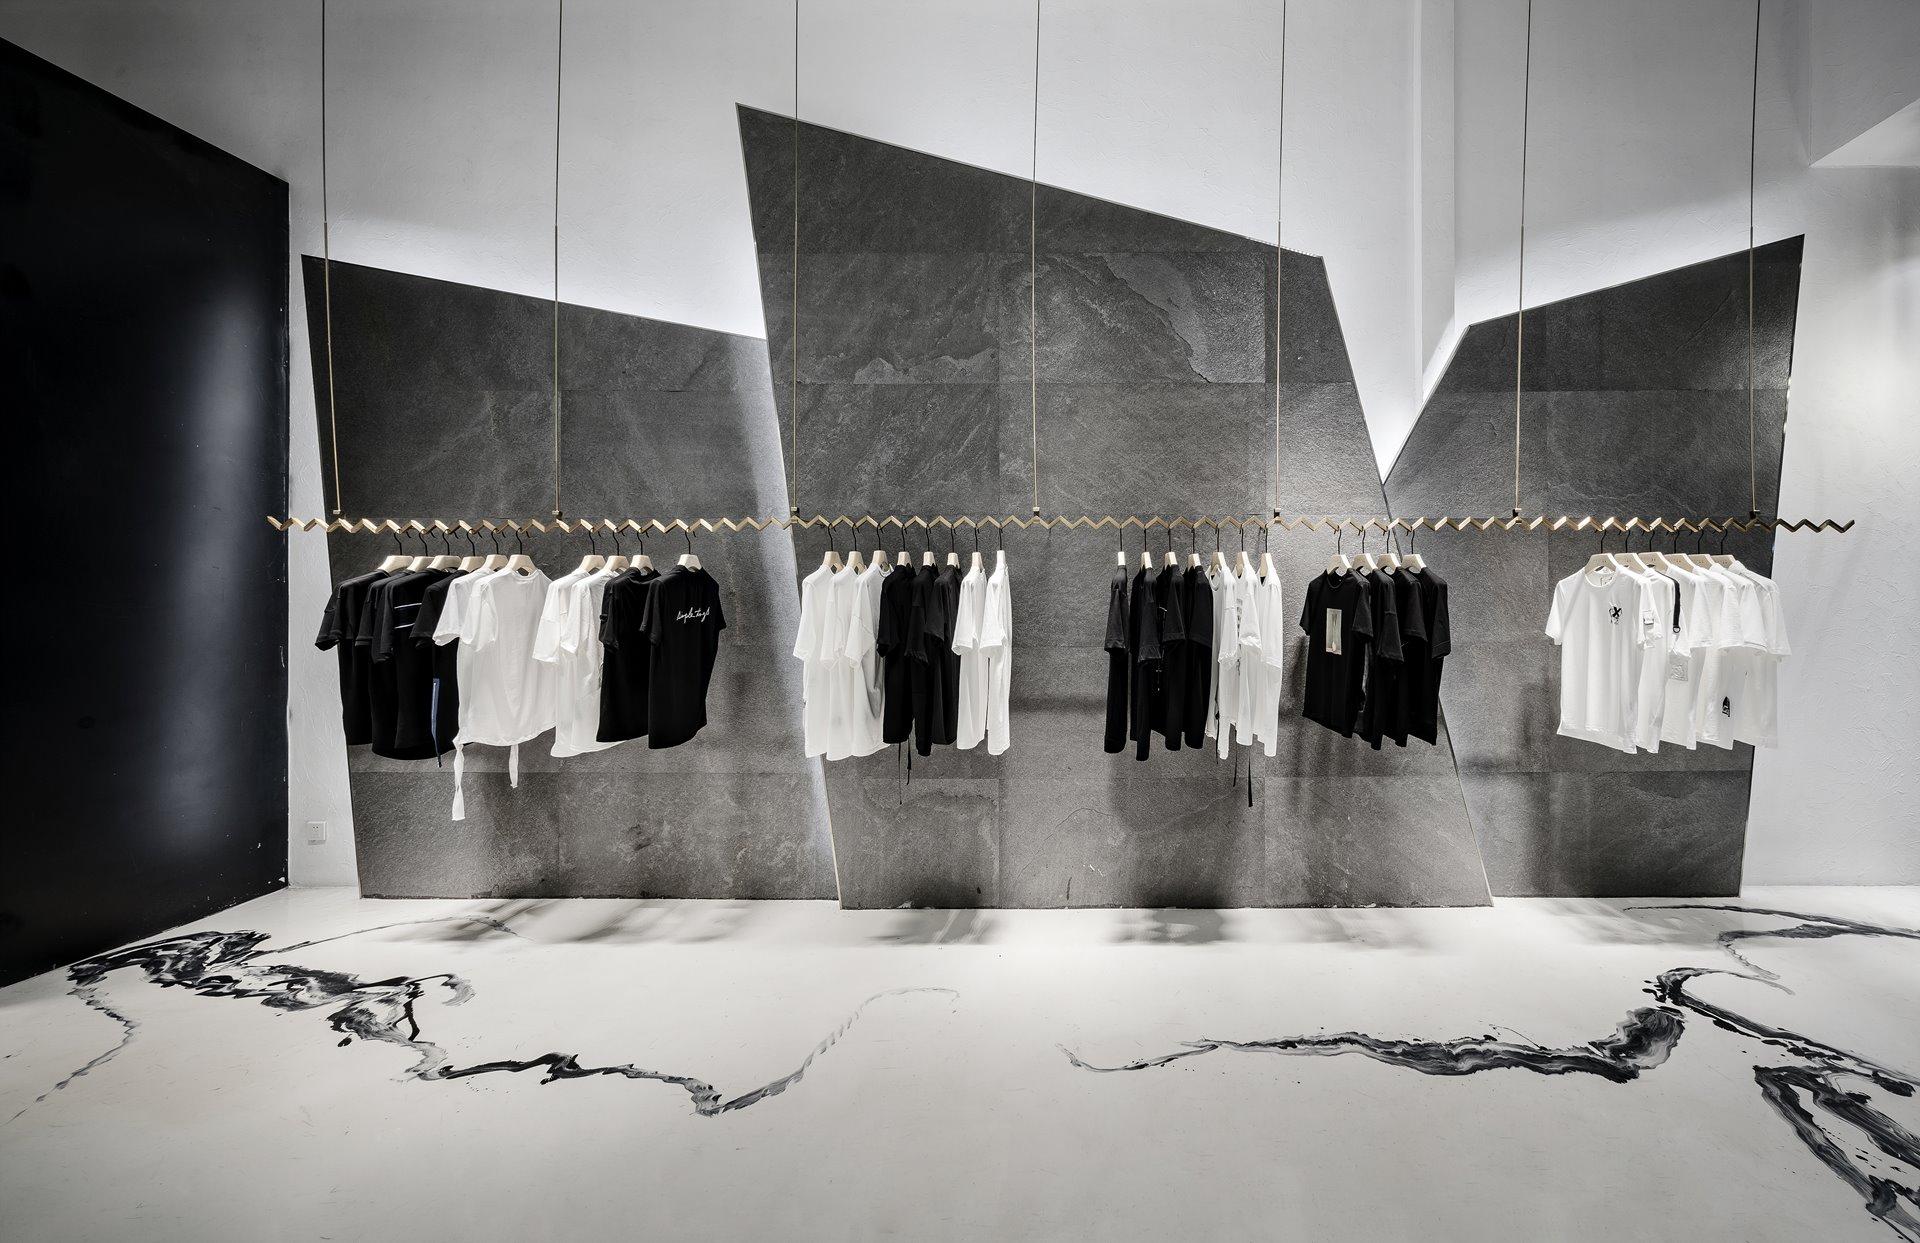 漂亮的服装店装修风格有哪些?这几种风格正在风靡服装界